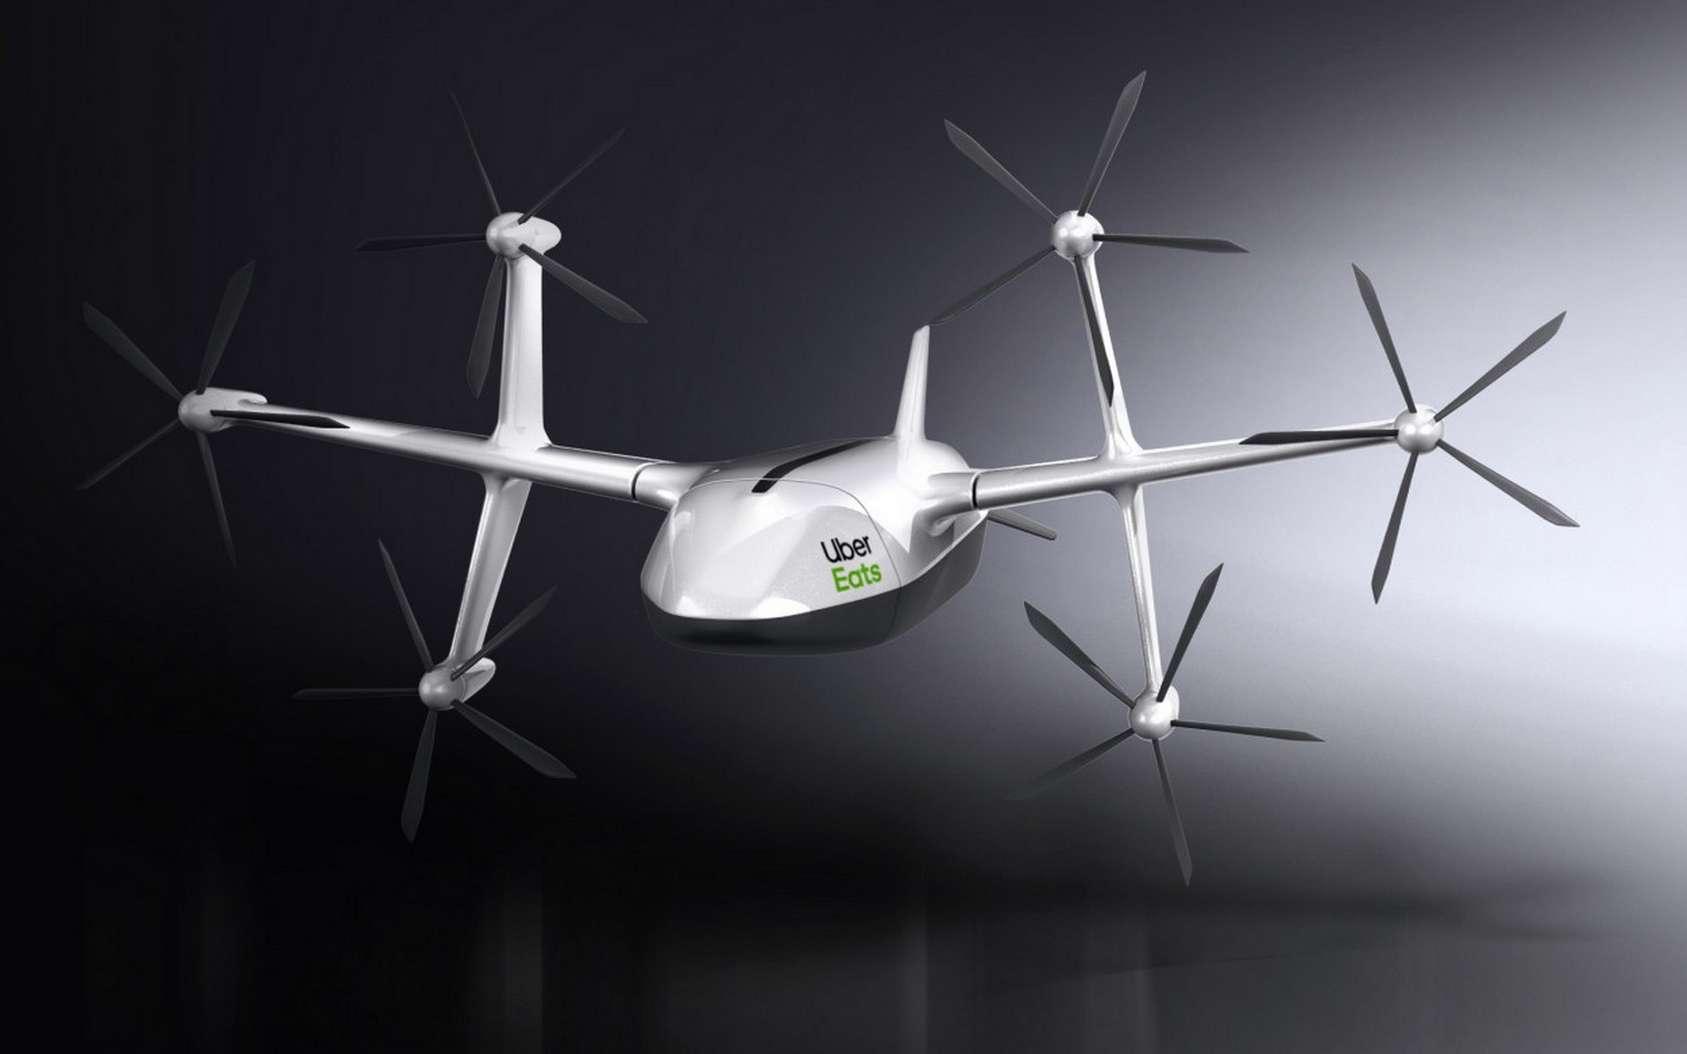 Voici à quoi ressemble le drone de livraison Uber Eats. © Uber Eats